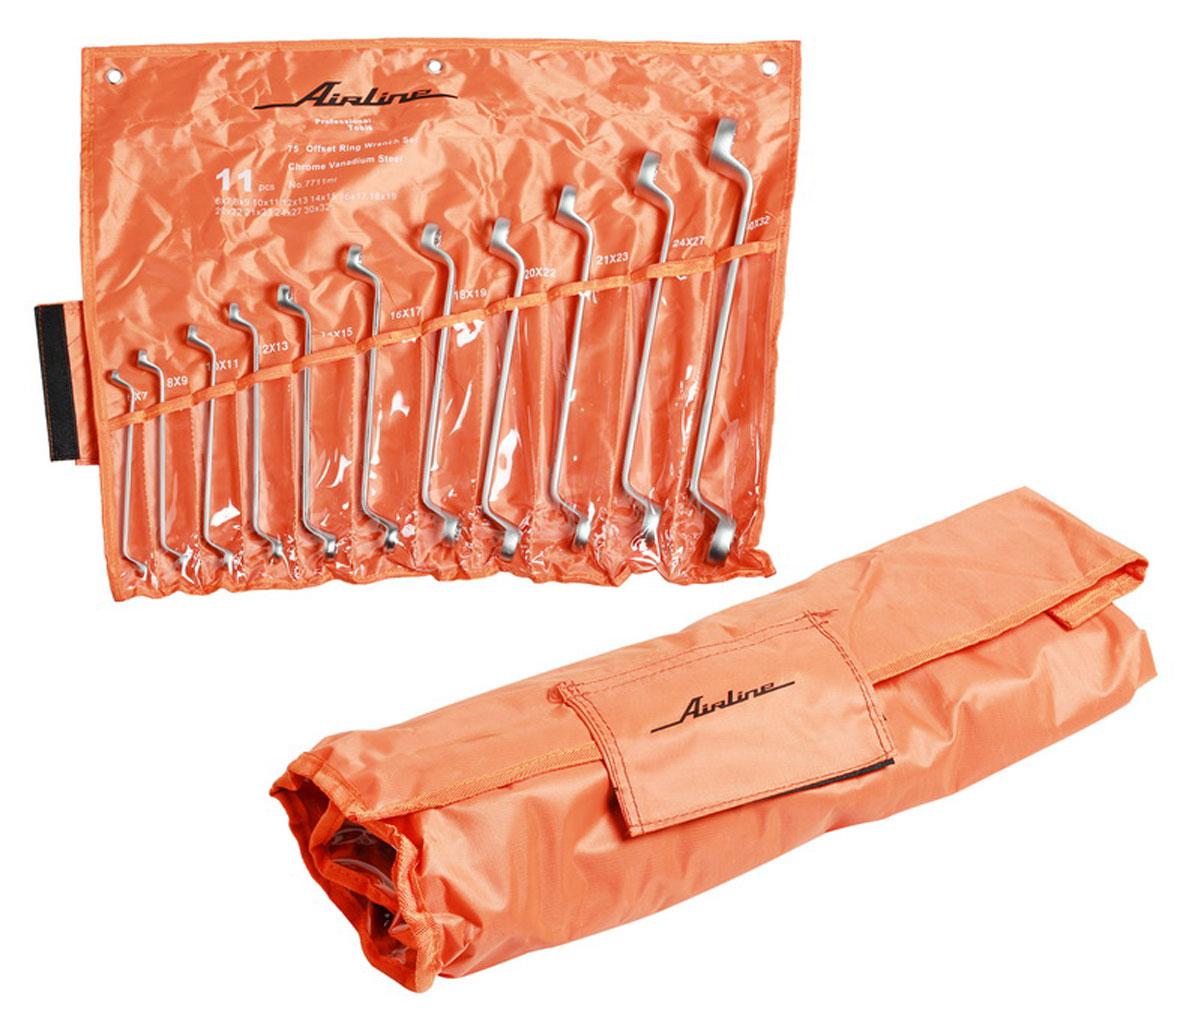 Набор ключей накидных Airline, в мягкой сумке, 6 мм - 32 мм, 11 штAT-11-13Набор накидных ключей Airline необходим каждому автомобилисту для проведения разноплановых ремонтных работ. В комплекте представлено 11 ключей с различными размерными характеристиками. Все инструменты изготовлены из инструментальной ванадиевой стали. Для удобной транспортировки набора предусмотрена специальная сумка с отдельными кармашками для каждого инструмента.Долговечные, эргономичные, крепко слаженные инструменты Airline подойдут любому - от требовательного мастера до высококлассного специалиста. Состав набора: ключ накидной 6х7, 8х9, 10х11, 12х13, 14х15, 16х17, 18х19, 20х22, 21х23, 24х27, 30х32 мм